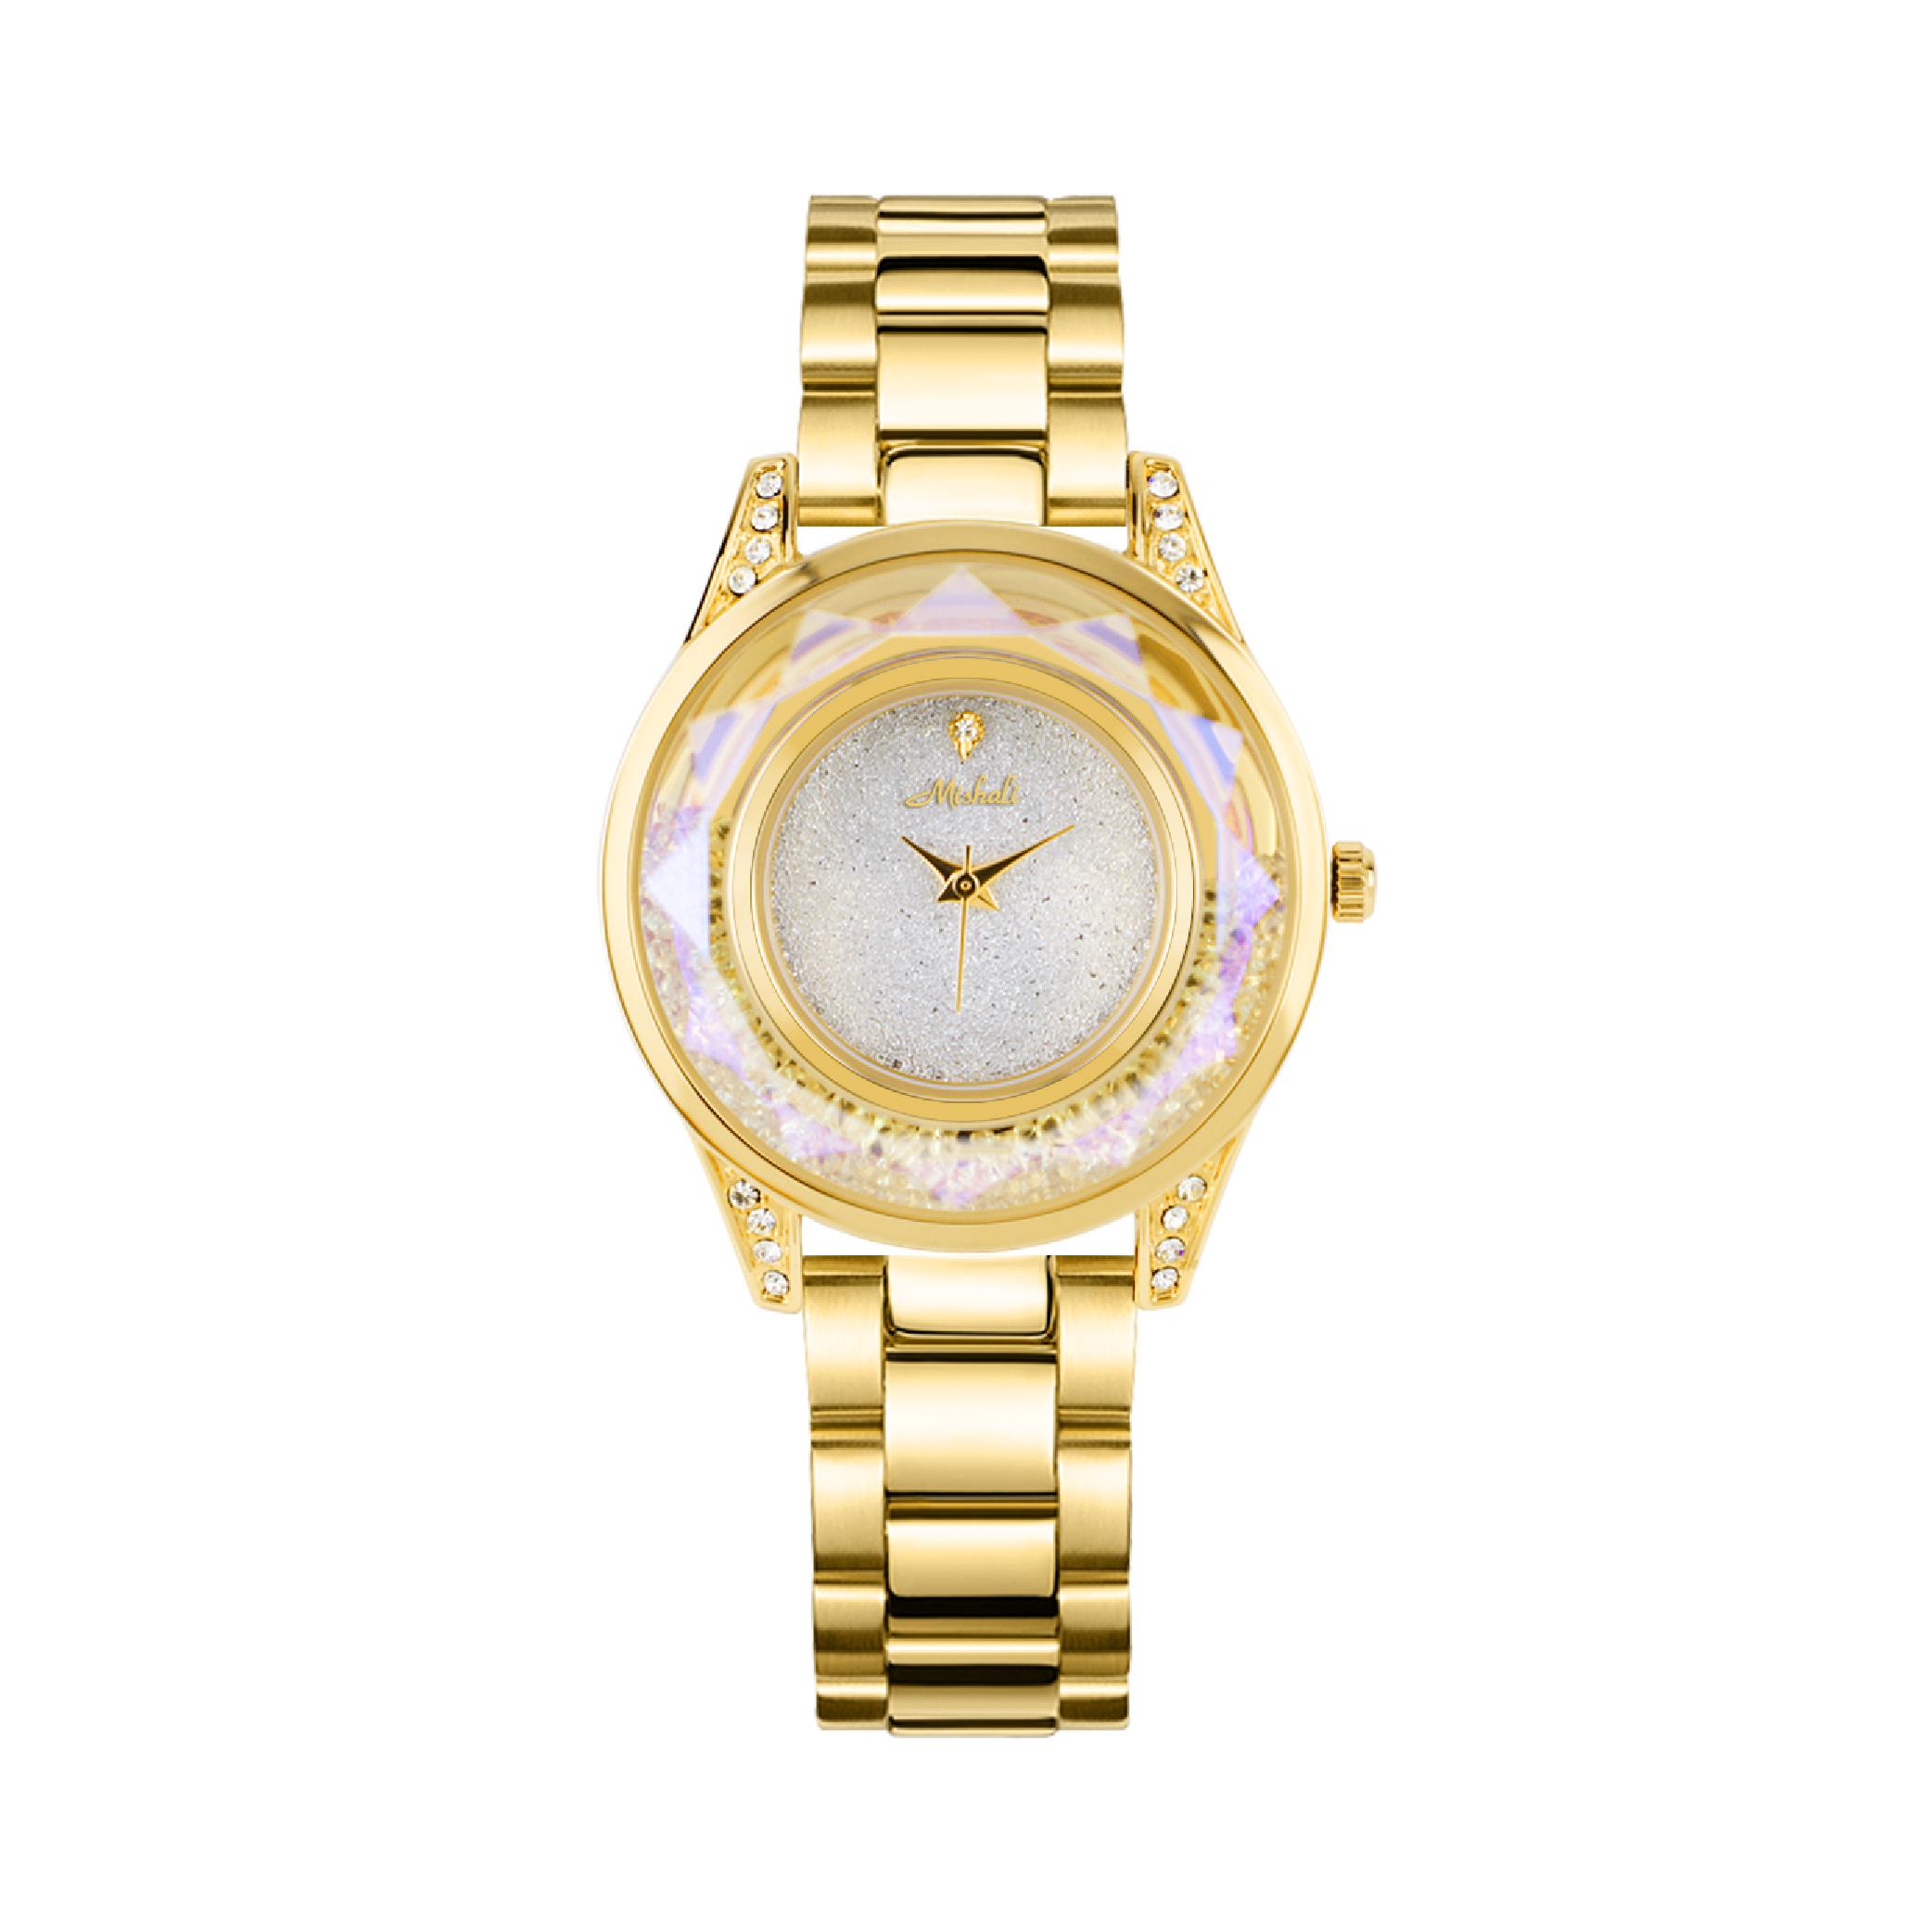 นาฬิกาข้อมือผู้หญิง MISHALI M18523 A